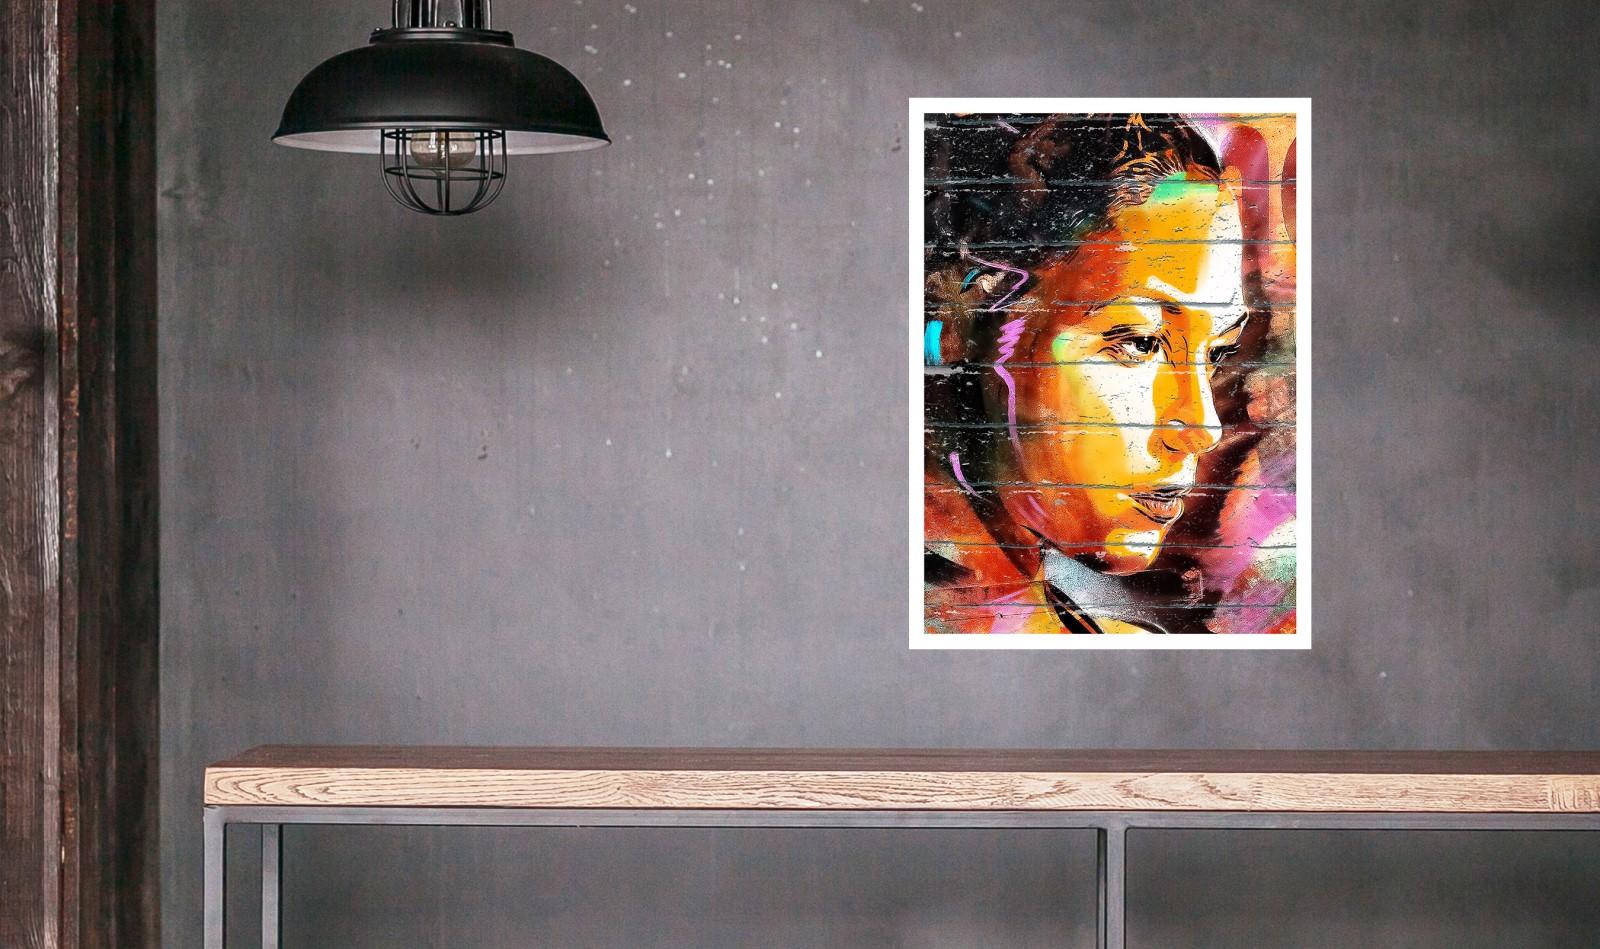 affiche et poster street art - determination regard